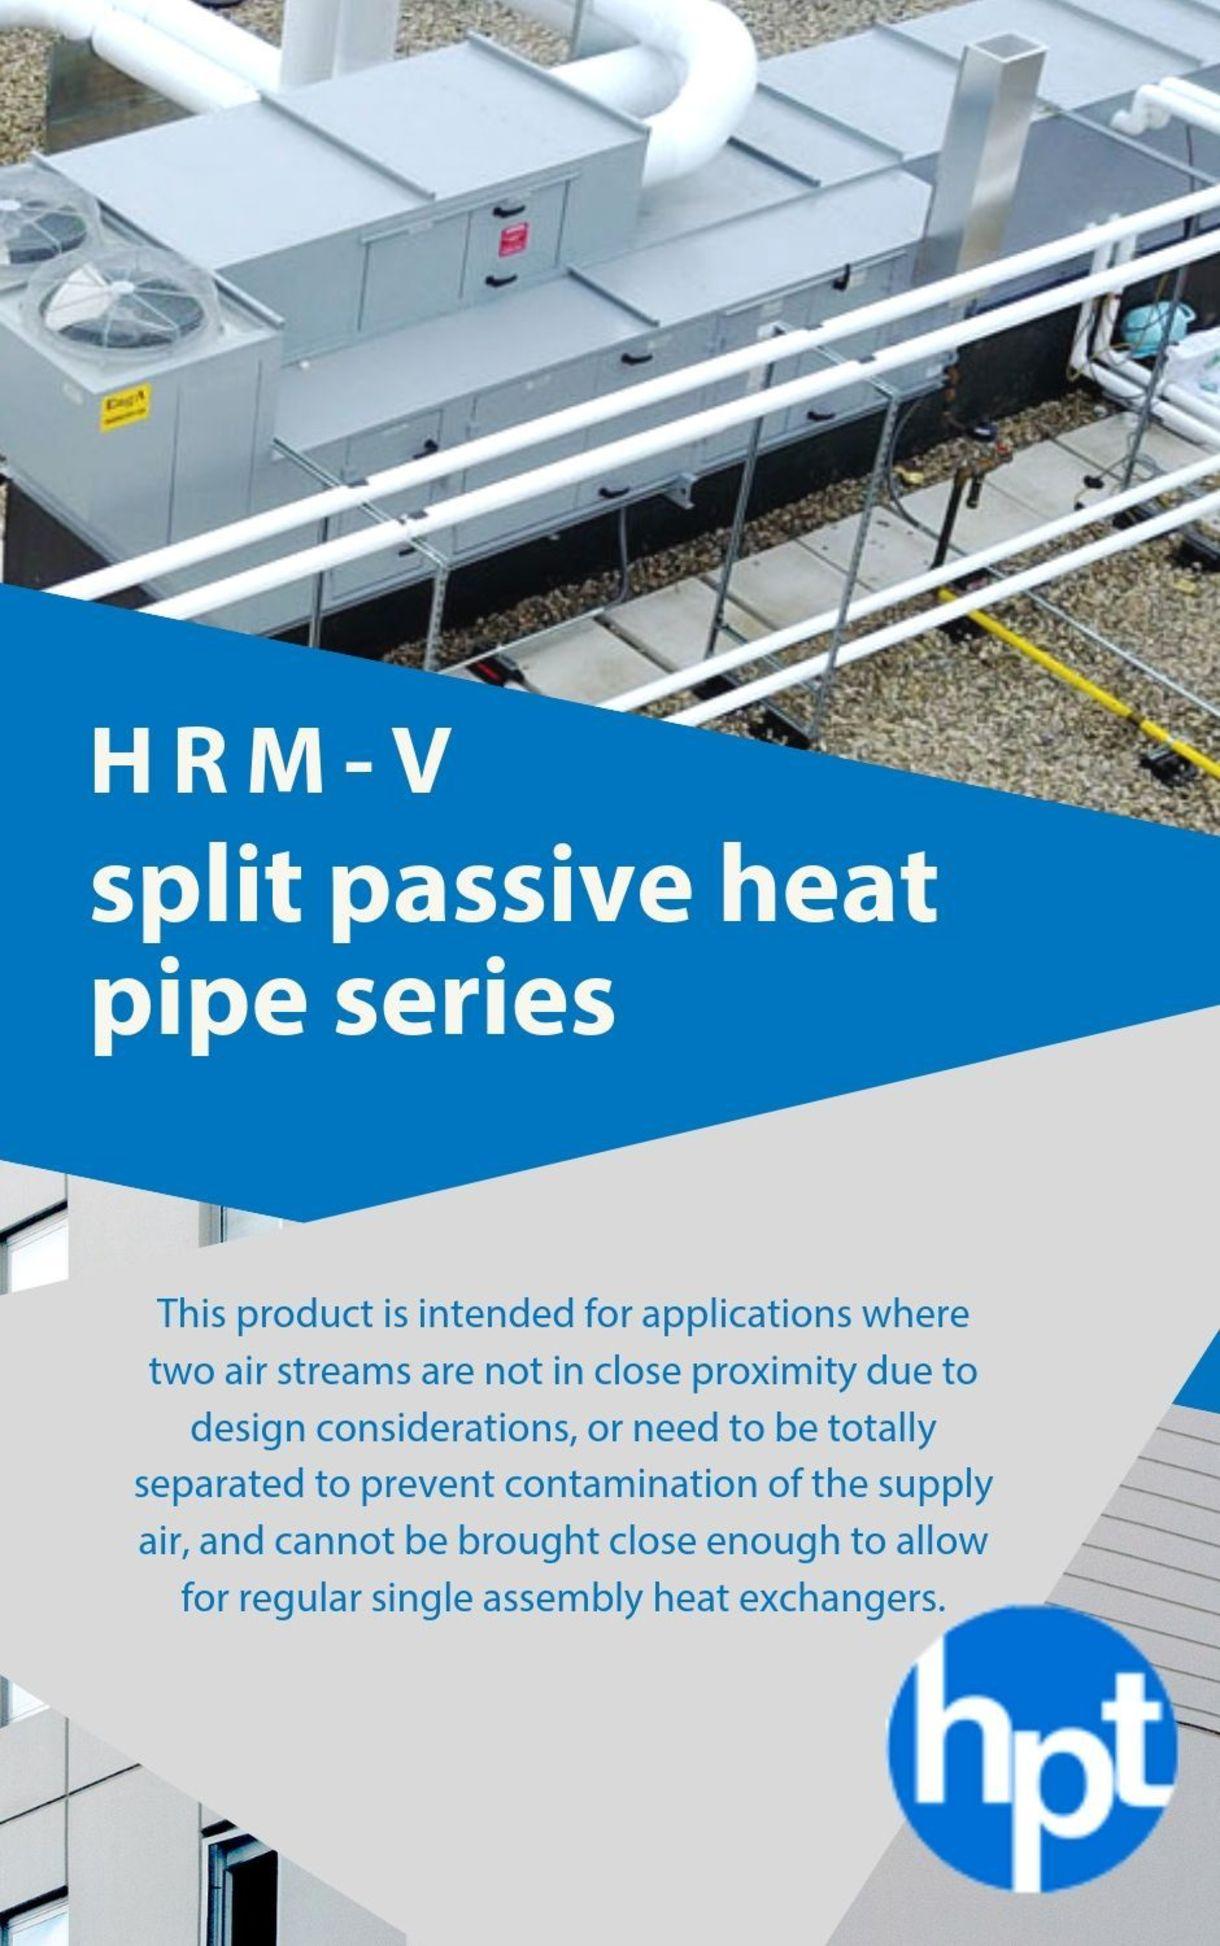 HRM-V Split Passive Heat Pipe Series